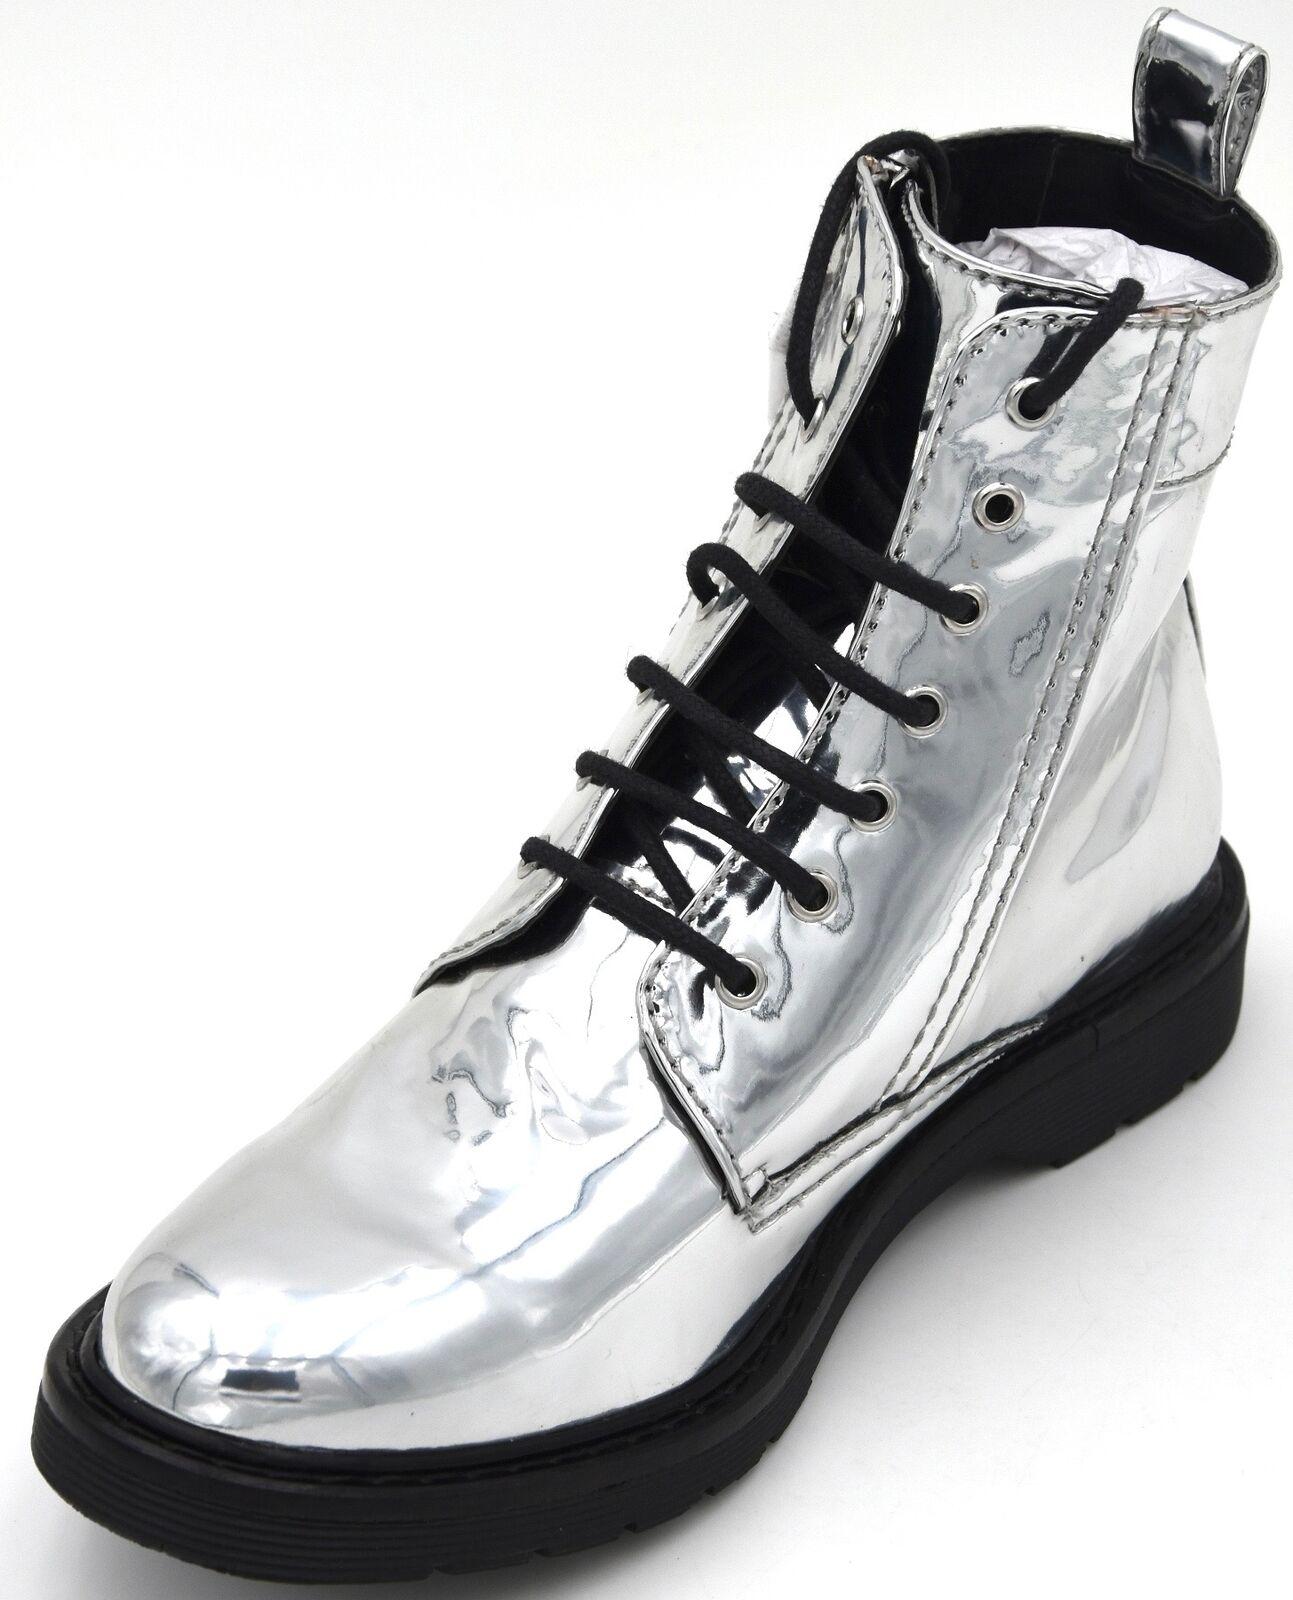 Armani Exchange señora botas botines botas de cuero faux invierno xdn005 xv063